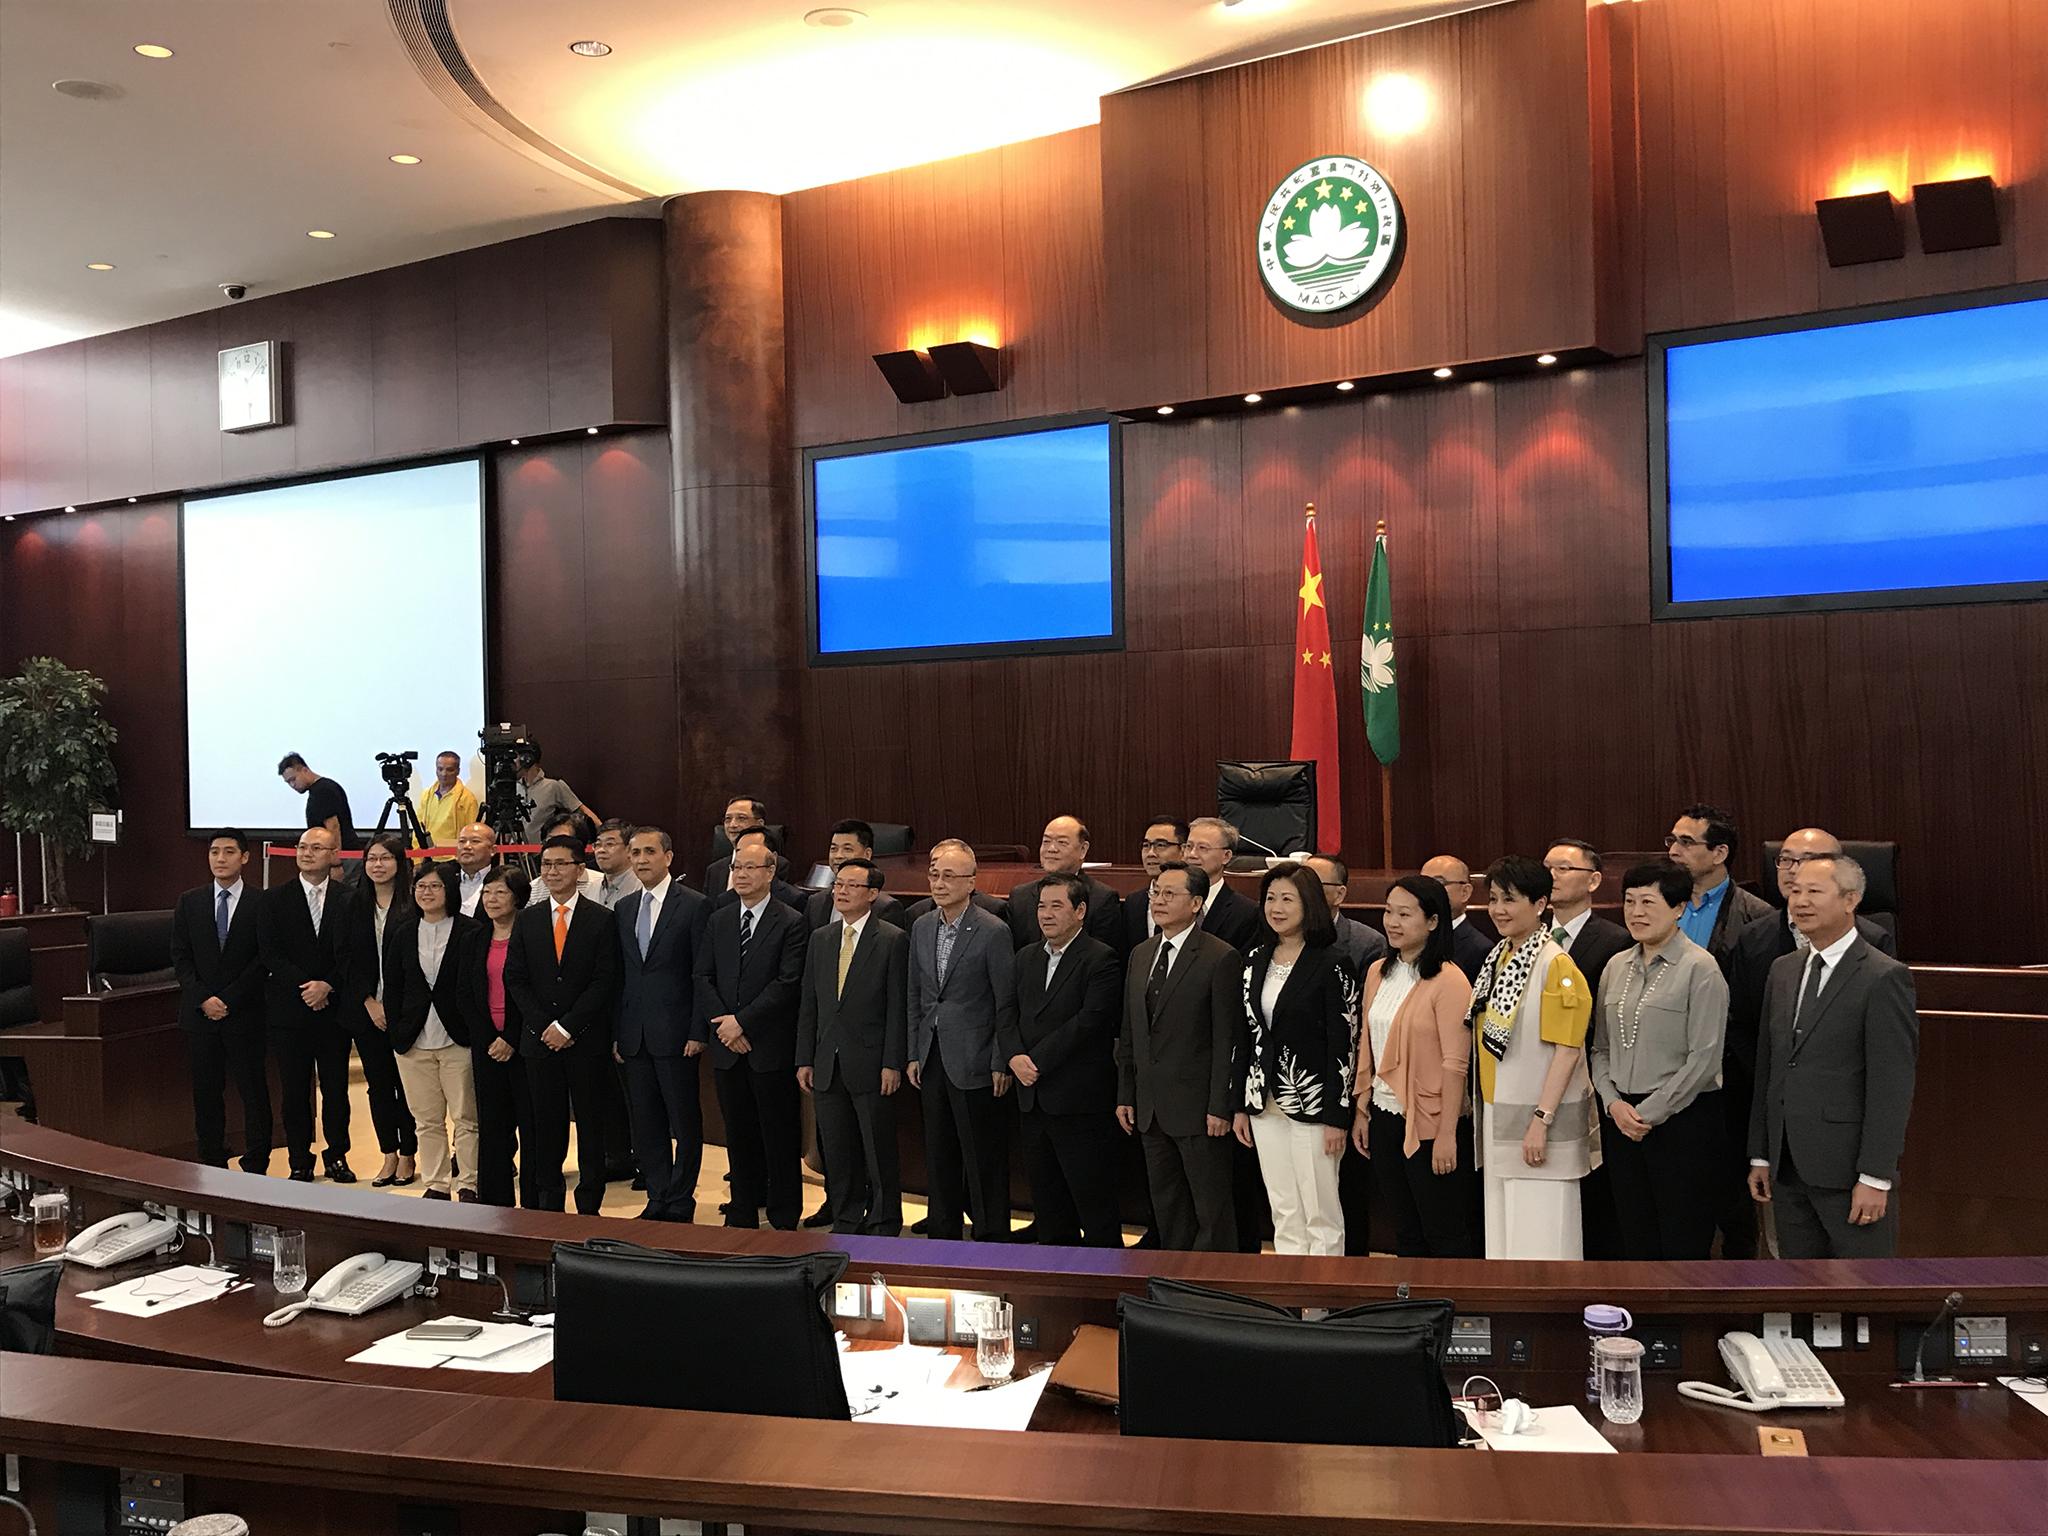 Conselho de Estado | Deputados apoiam visitas anuais a Pequim